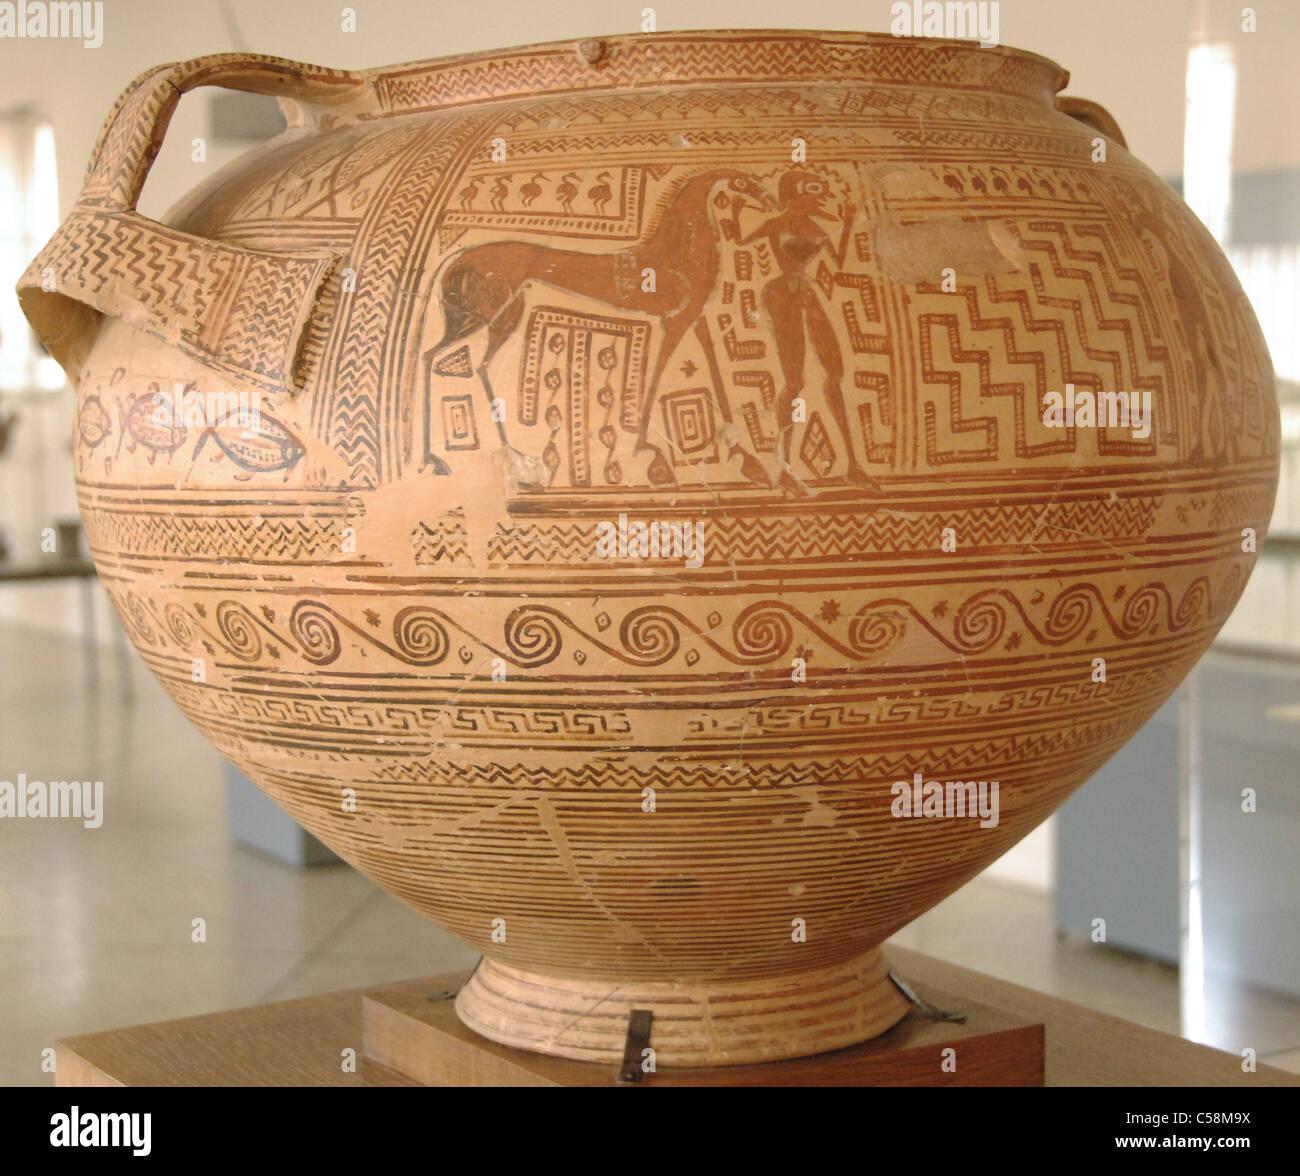 Crater con decorazione geometrica. Tardo periodo geometrico. Argos Museo Archeologico. La Grecia. Immagini Stock